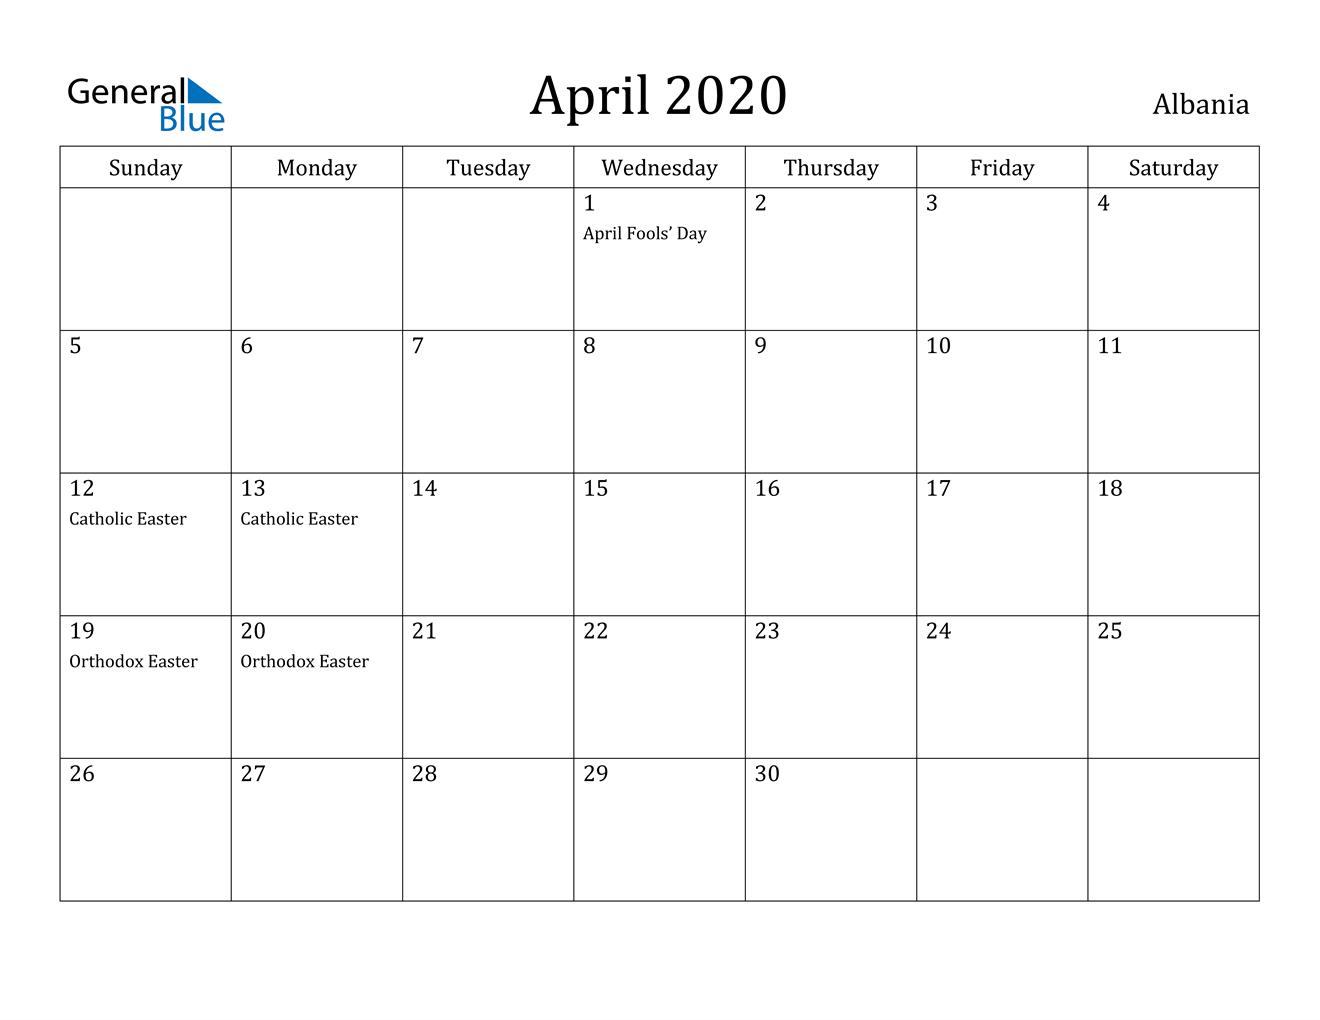 April 2020 Calendar - Albania